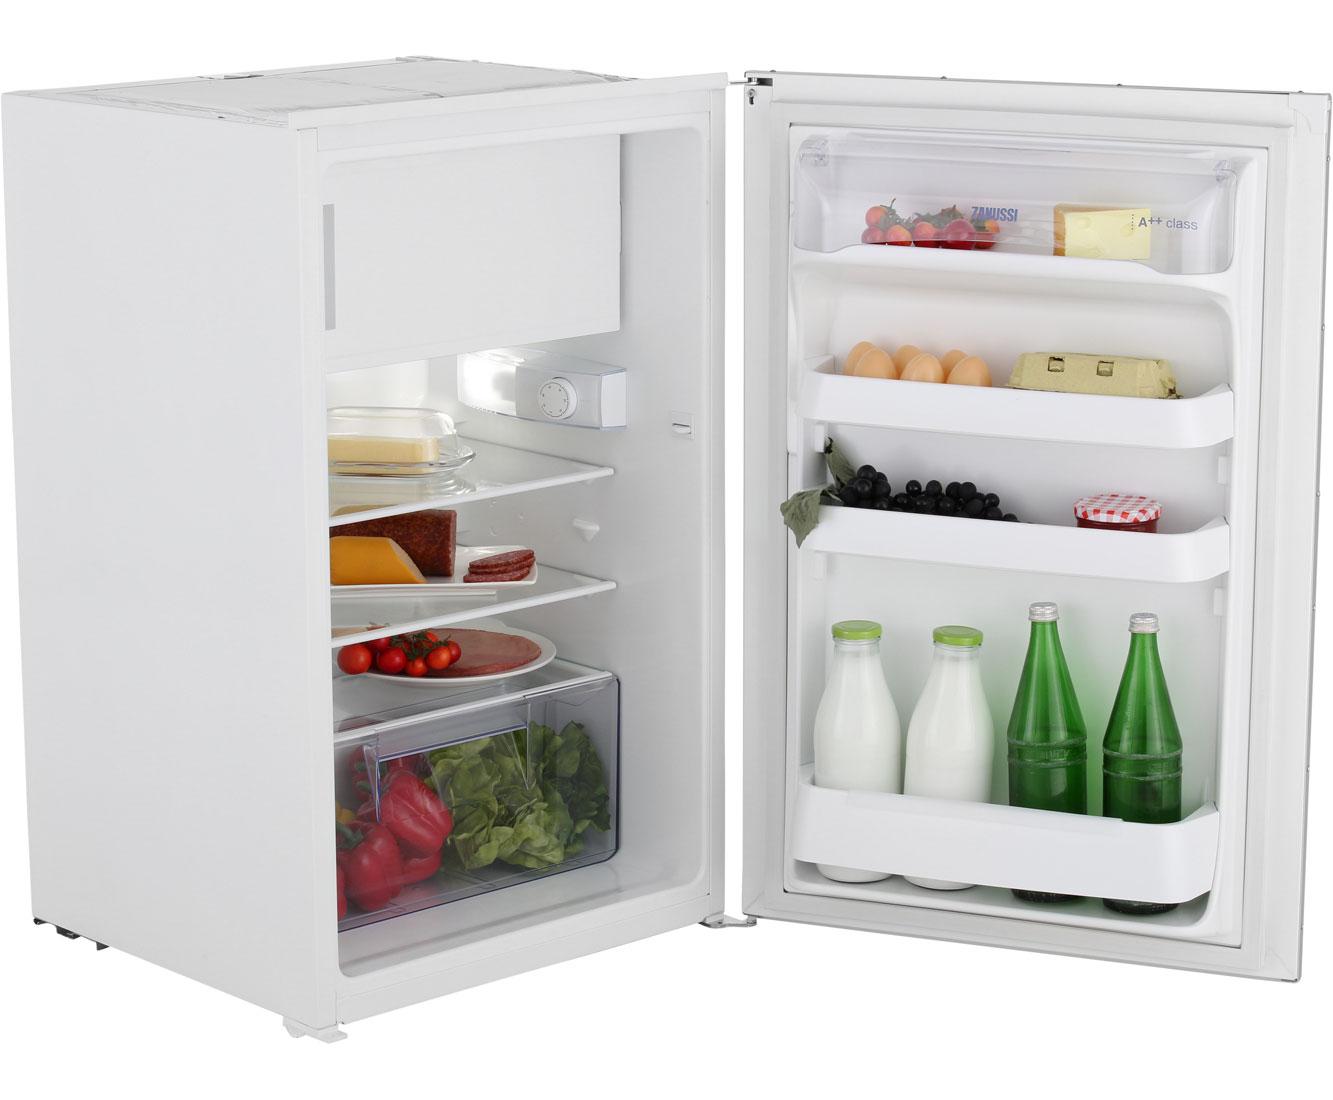 Aufbau Eines Kühlschrank : Zanussi zba wa einbau kühlschrank mit gefrierfach er